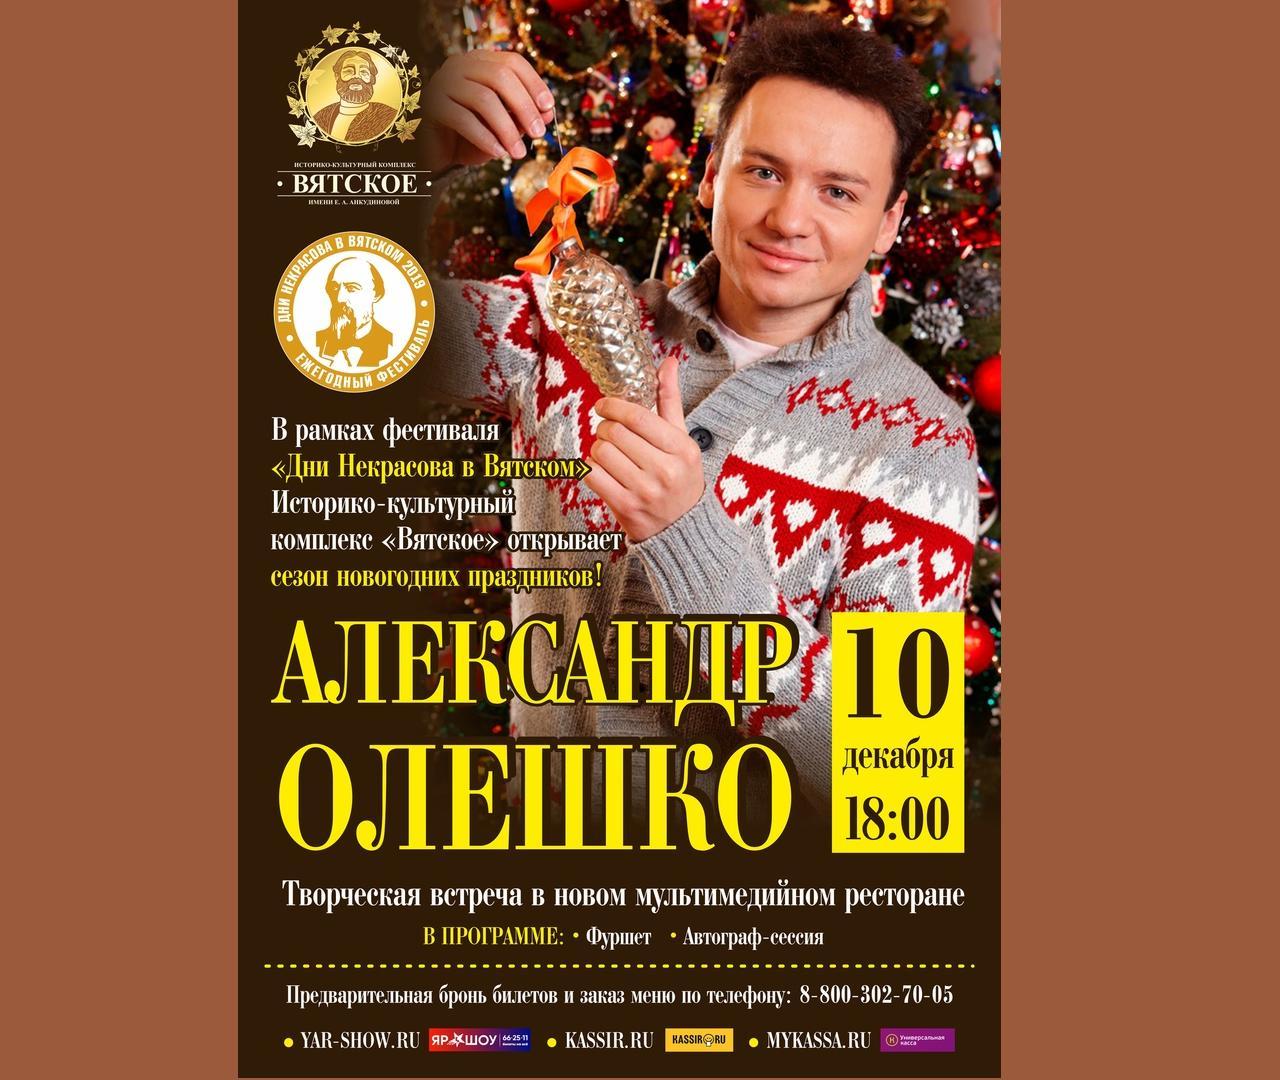 Актер Александр Олешко в Вятском открыл сезон новогодних праздников